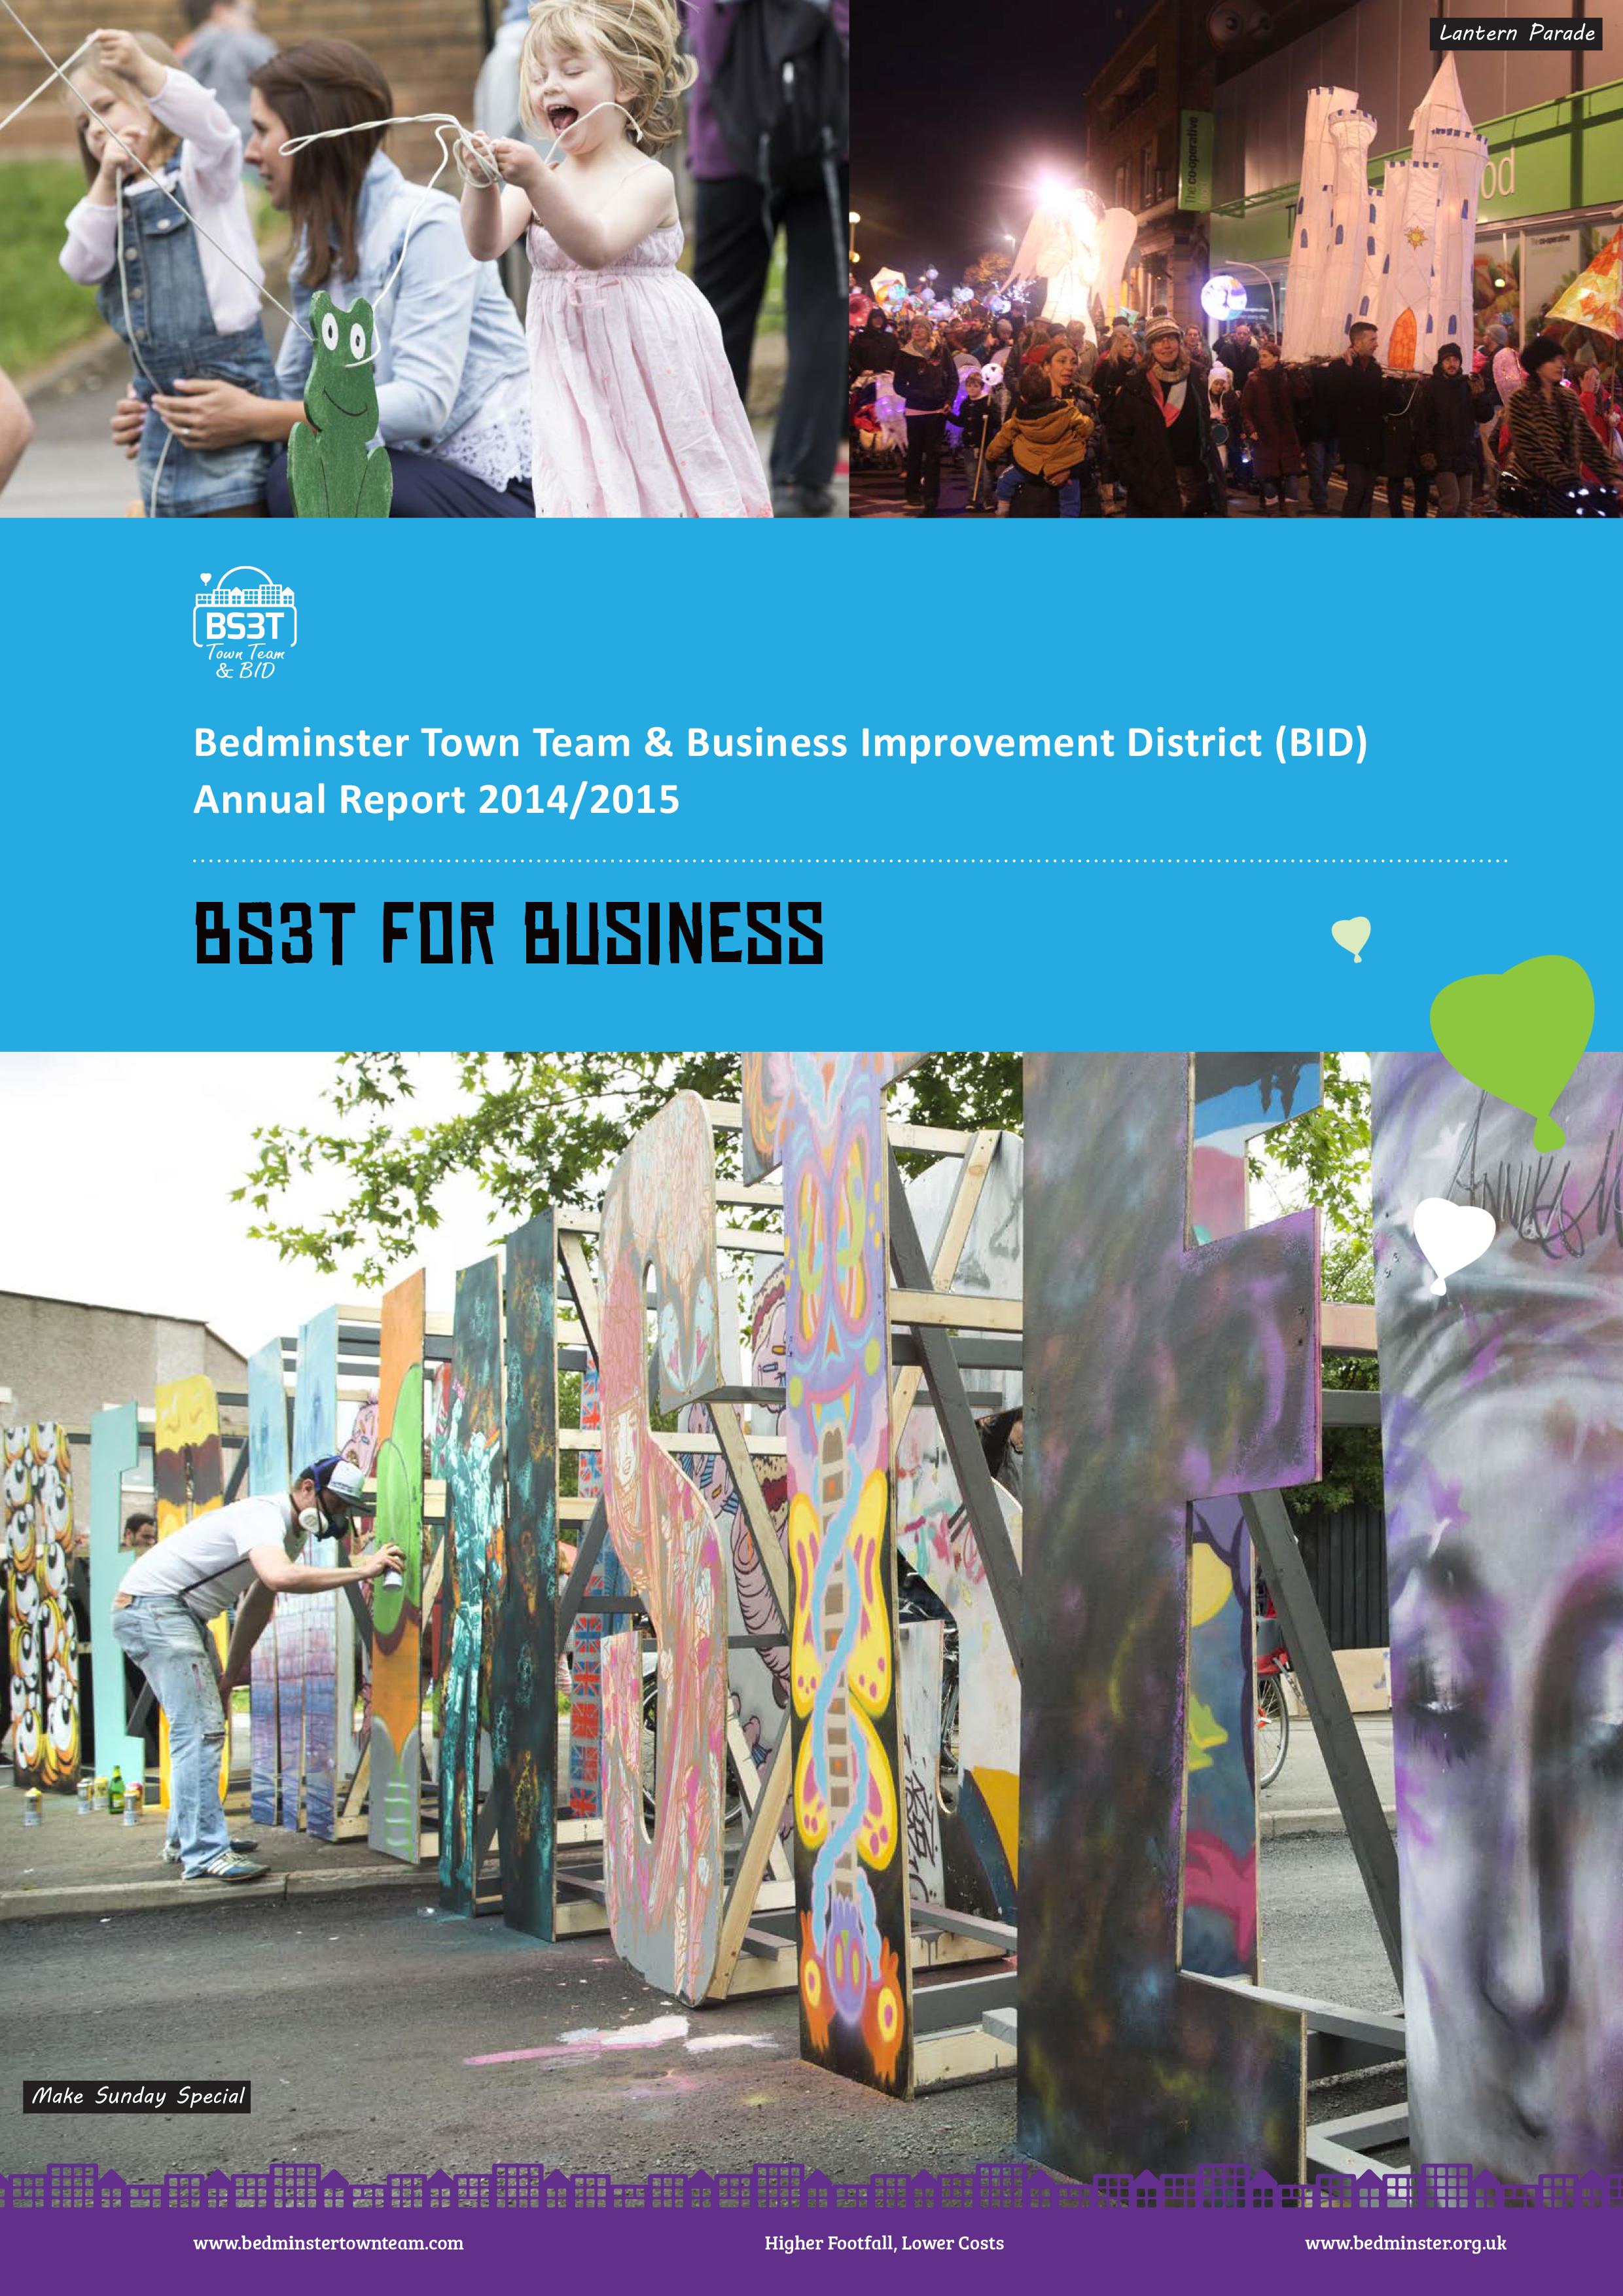 AnnualReport 2014-15-1.png